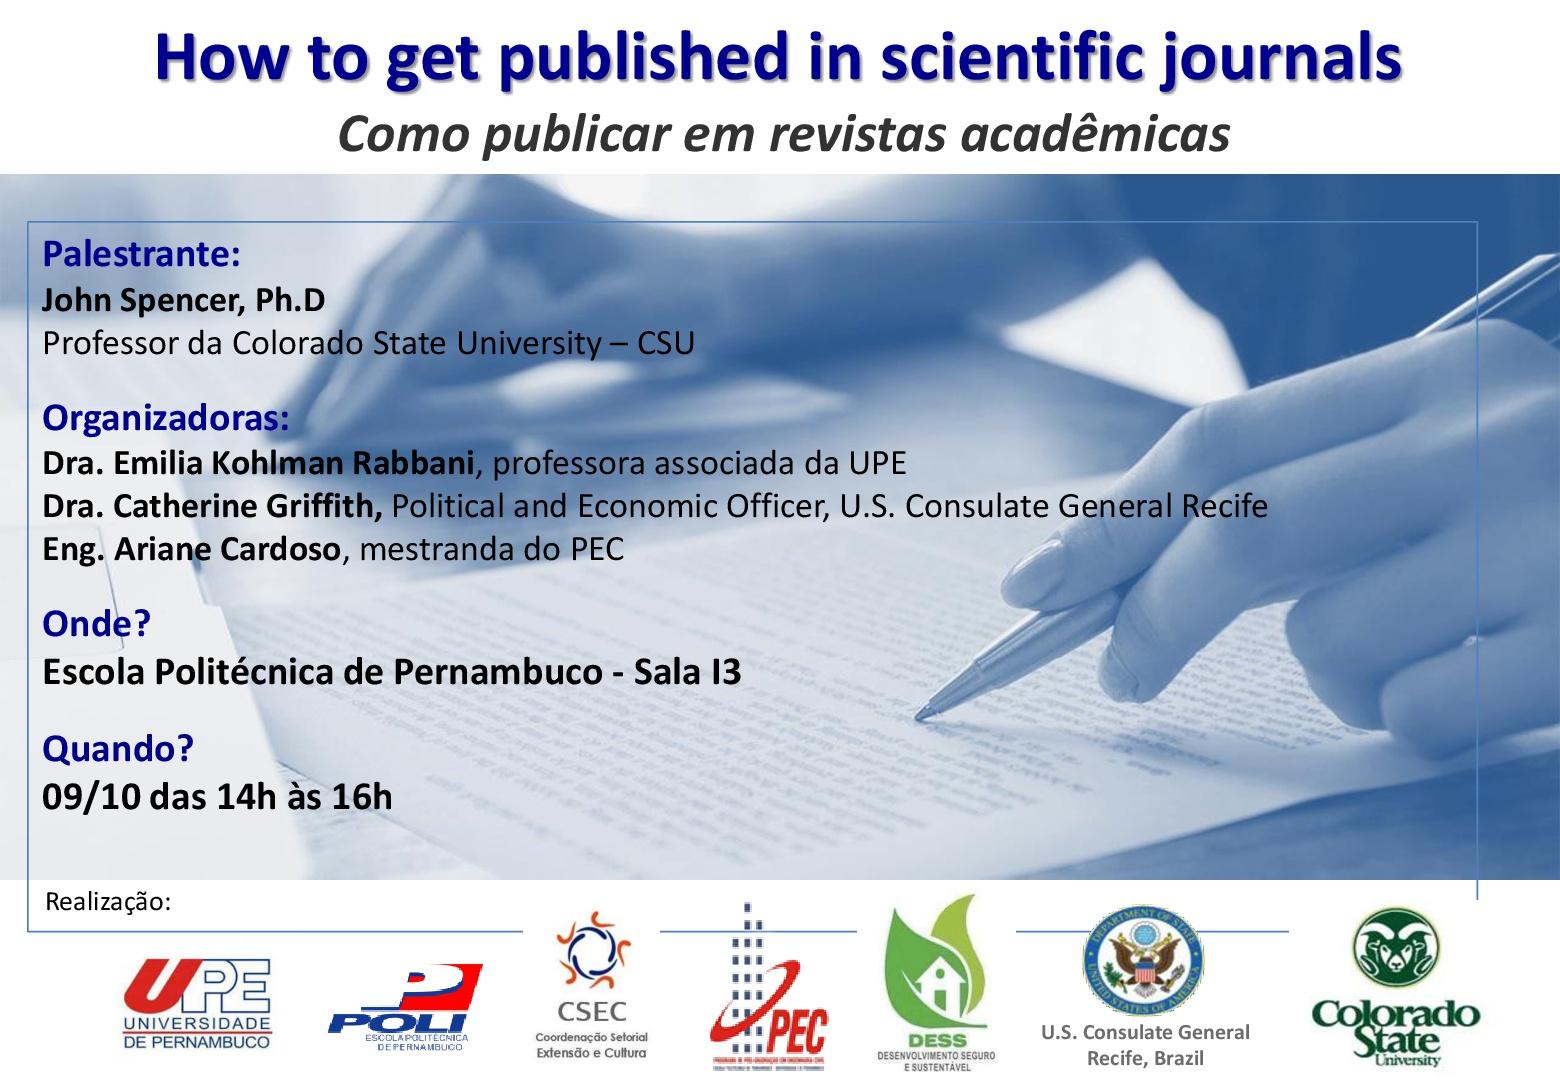 Como publicar em revistas acadêmicas